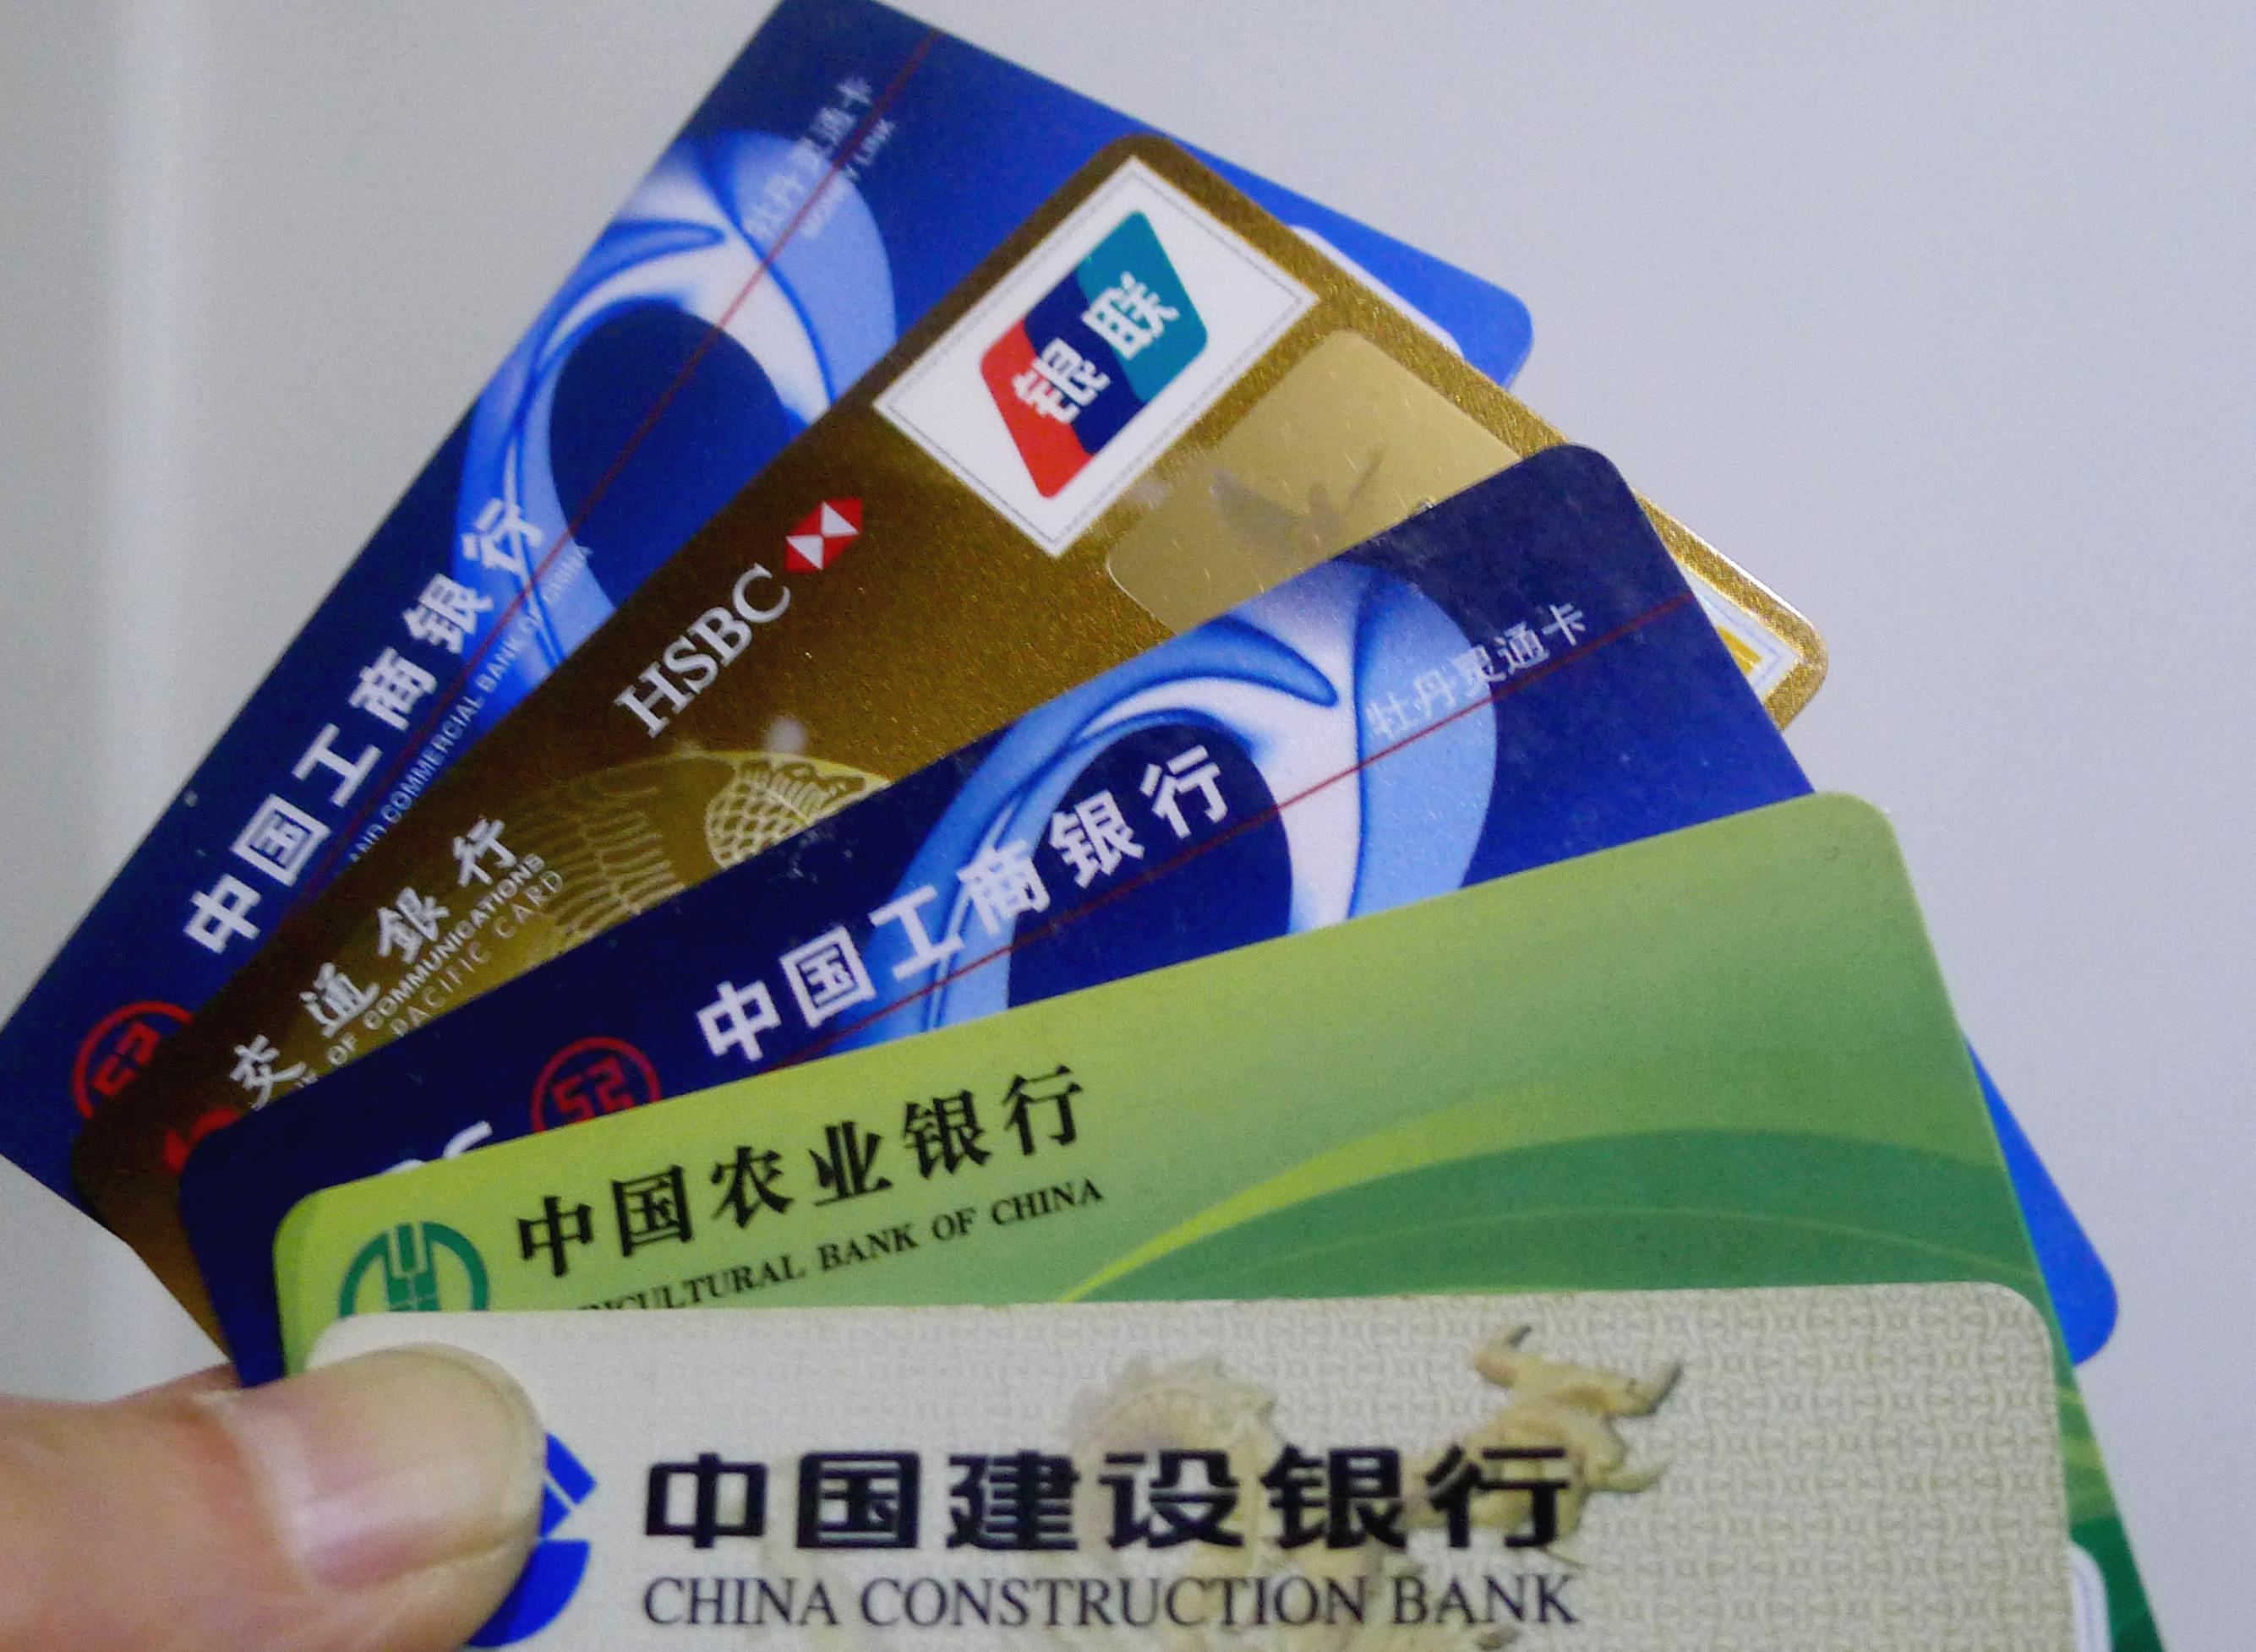 刚到手的信用卡,才是提额的最佳时期,千万不要错过!